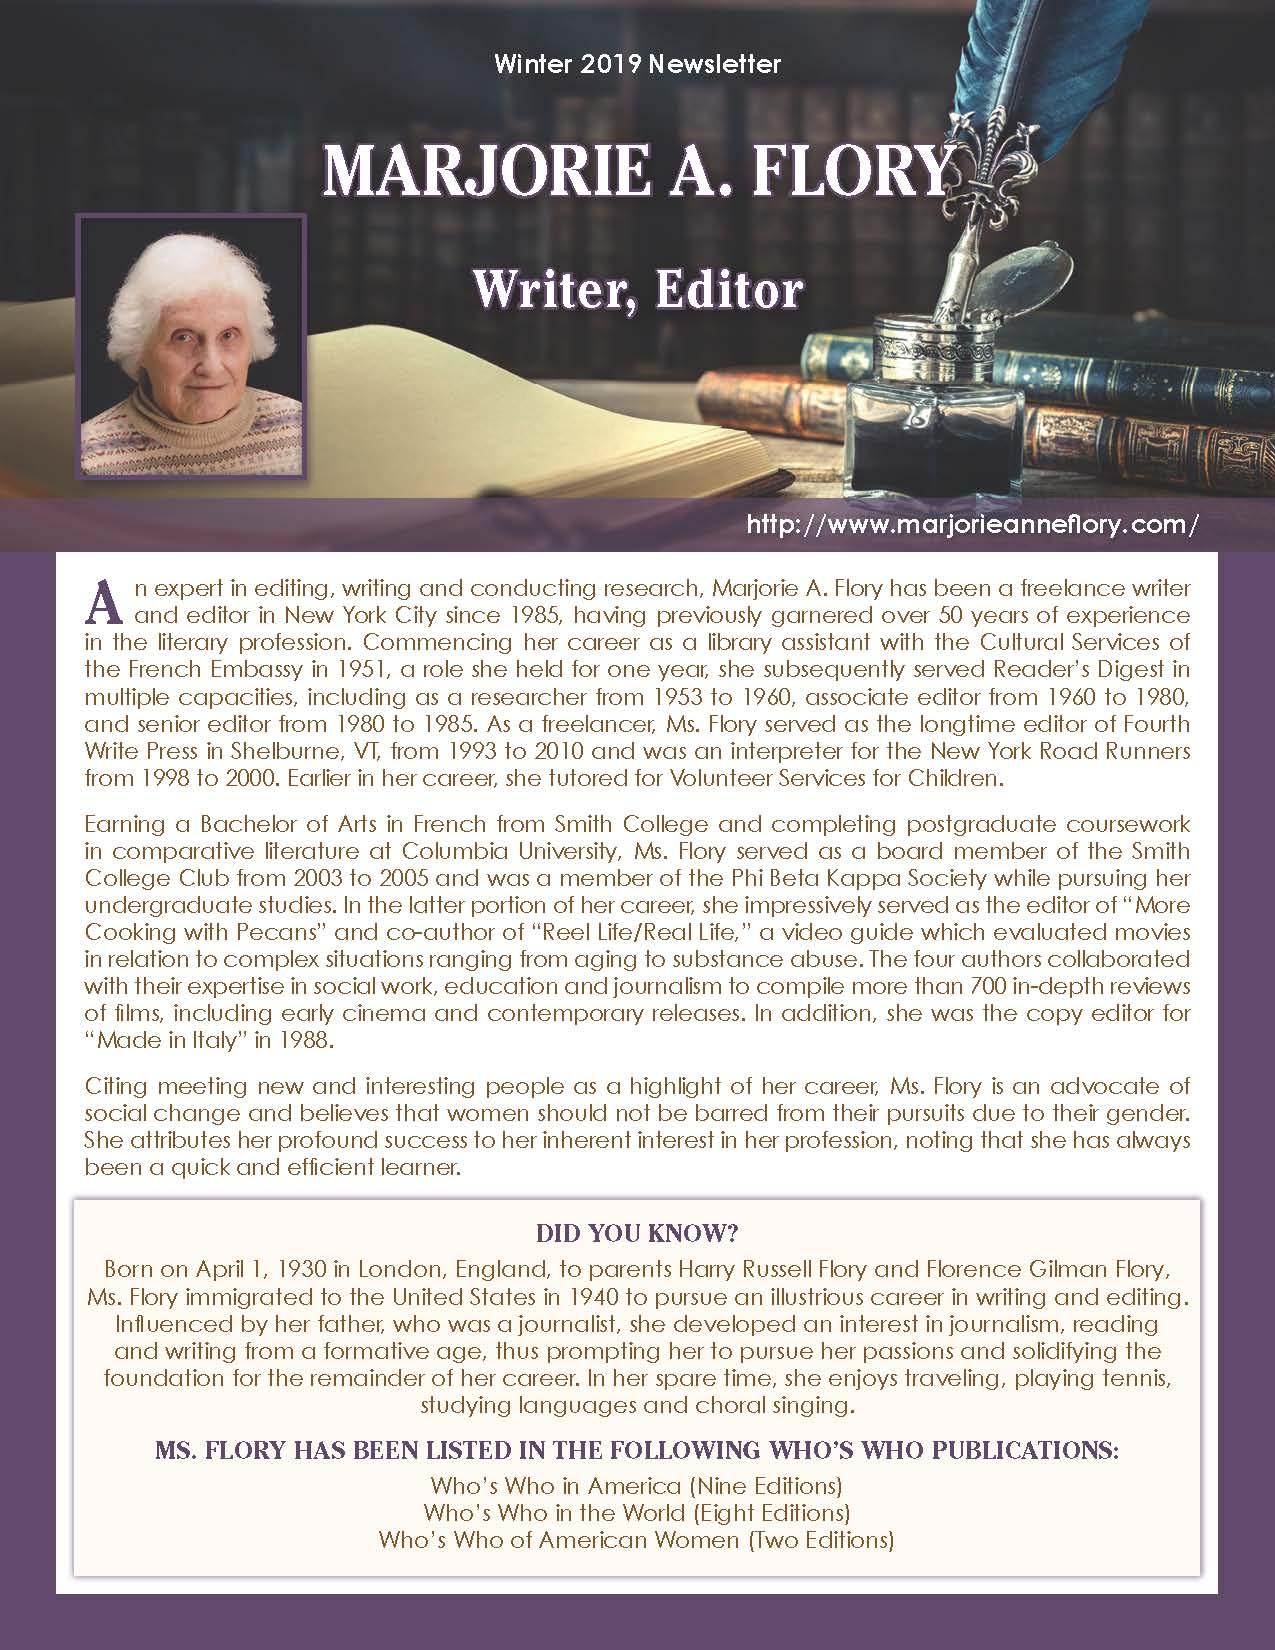 Flory, Marjorie 2132088_32778336 Newsletter.jpg